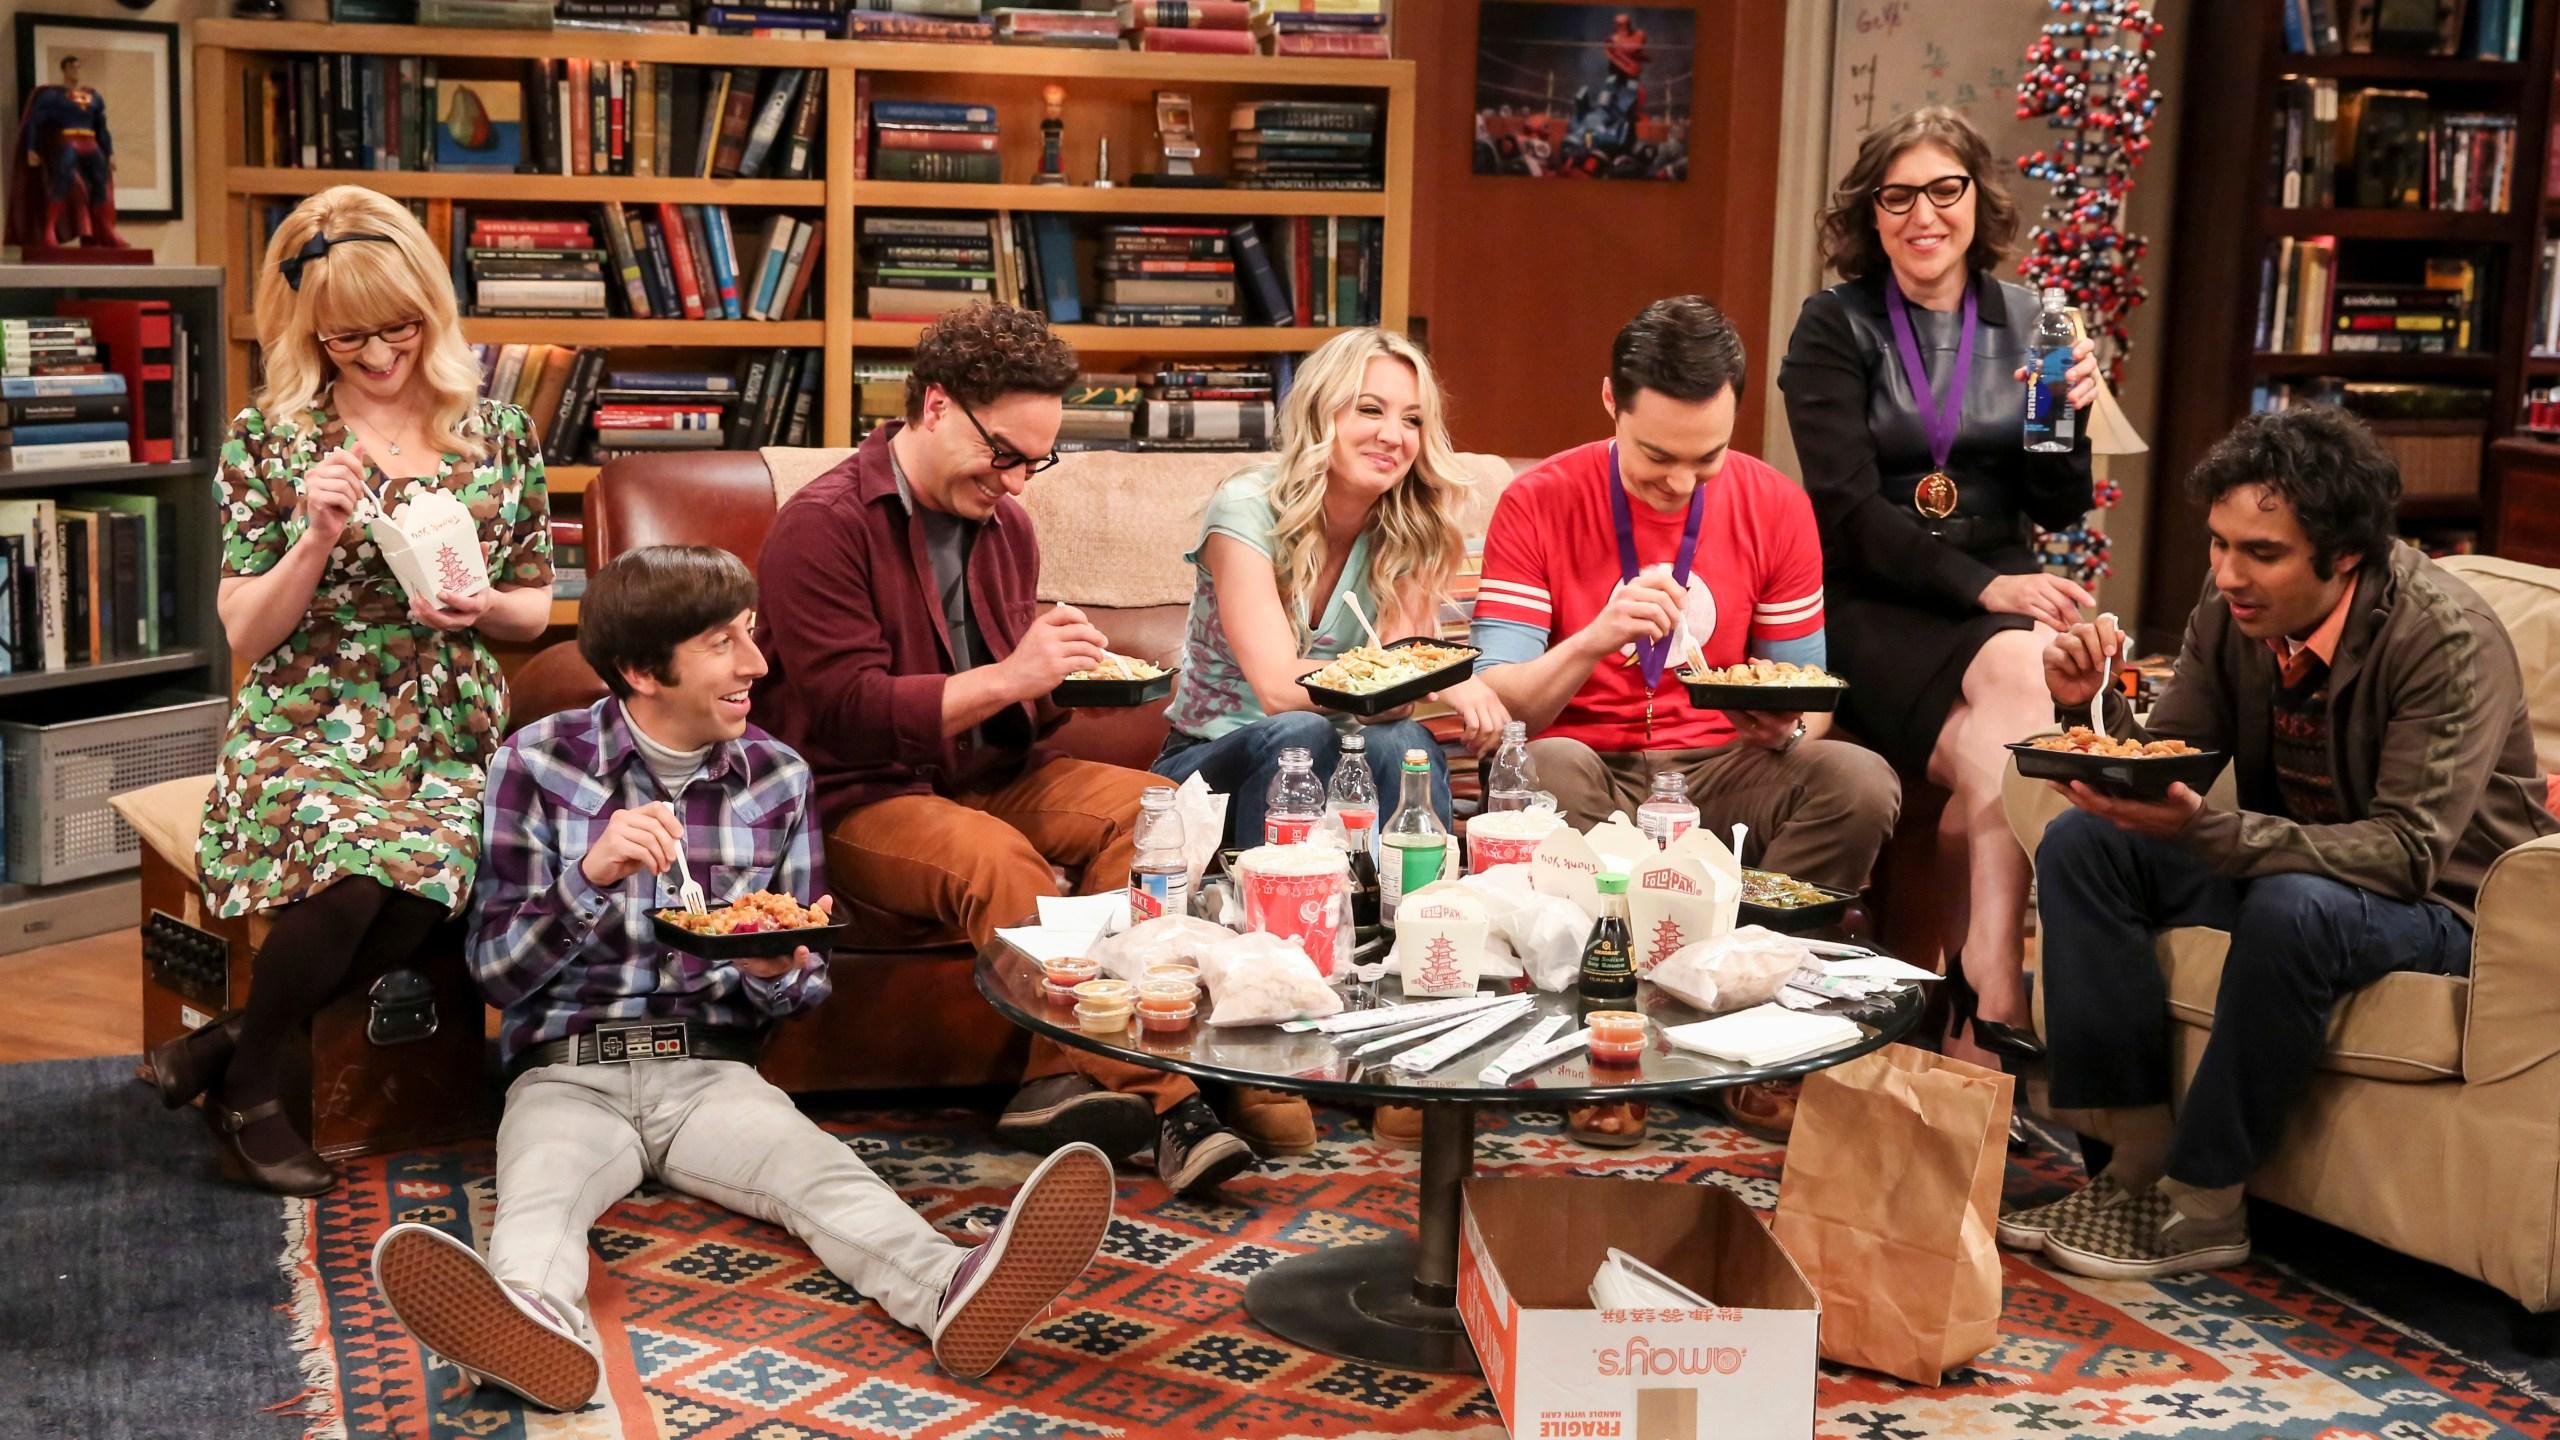 TV_Big_Bang_Theory_Finale_45172-159532.jpg31876712